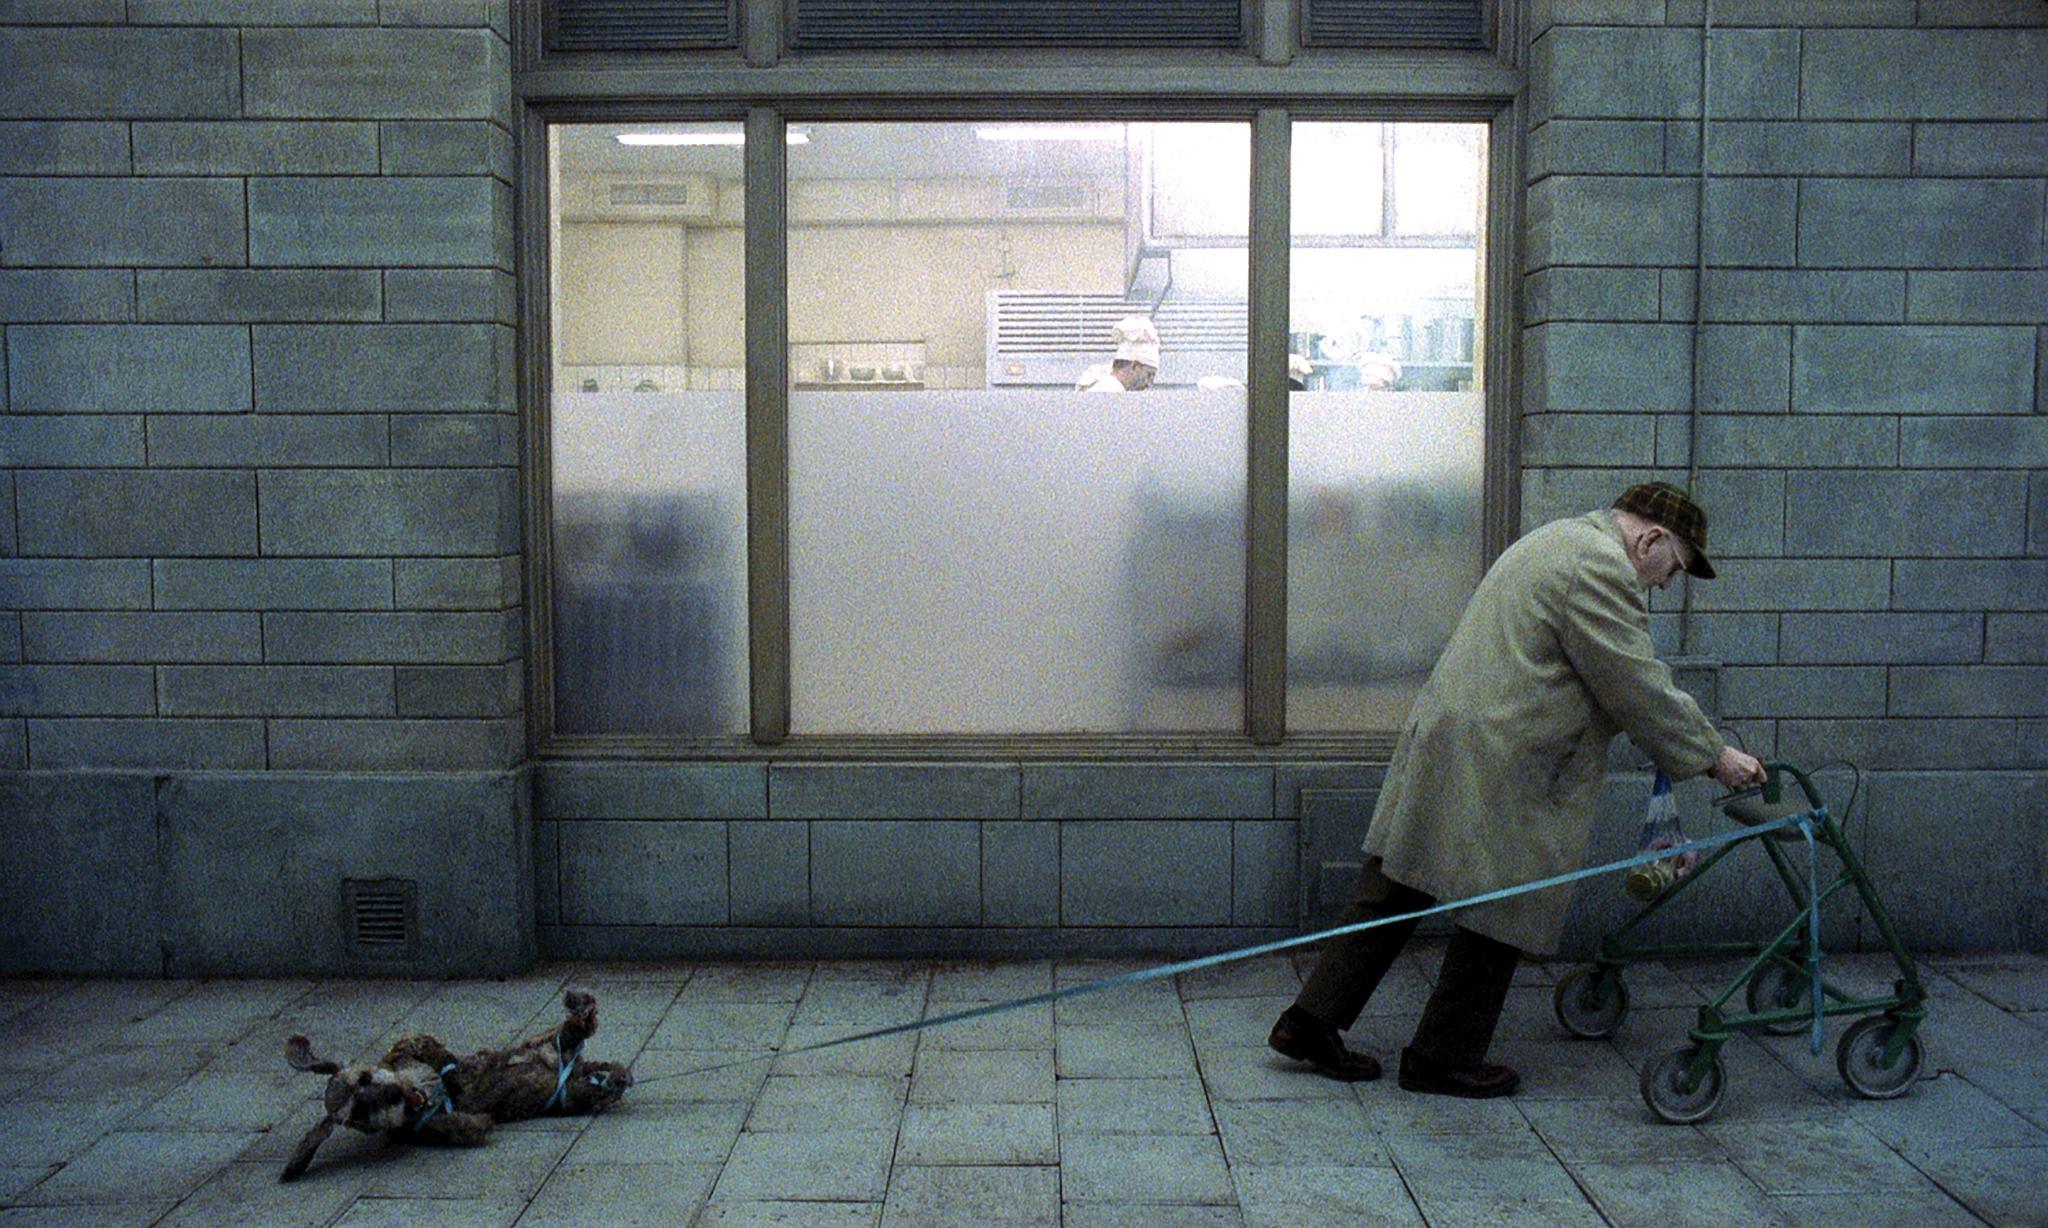 Du Levande - proiecție de film în Moszkva Cafe Oradea